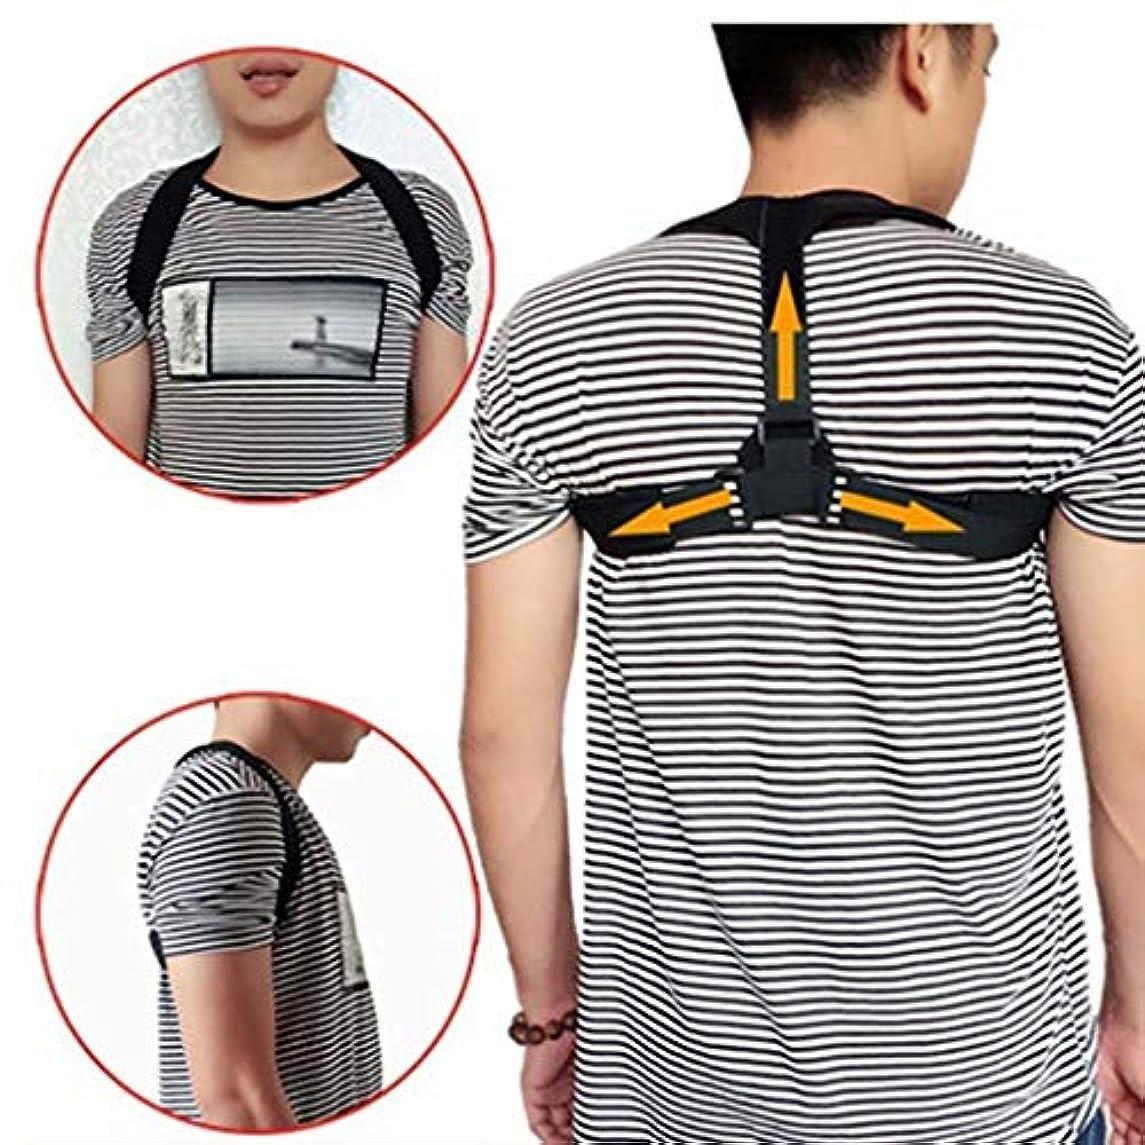 ハミングバードストレスの多い揺れる背中矯正ベルト、背中の姿勢ブレース、背中の曲がりの防止、筋肉の弛緩、姿勢の改善、ユニセックス